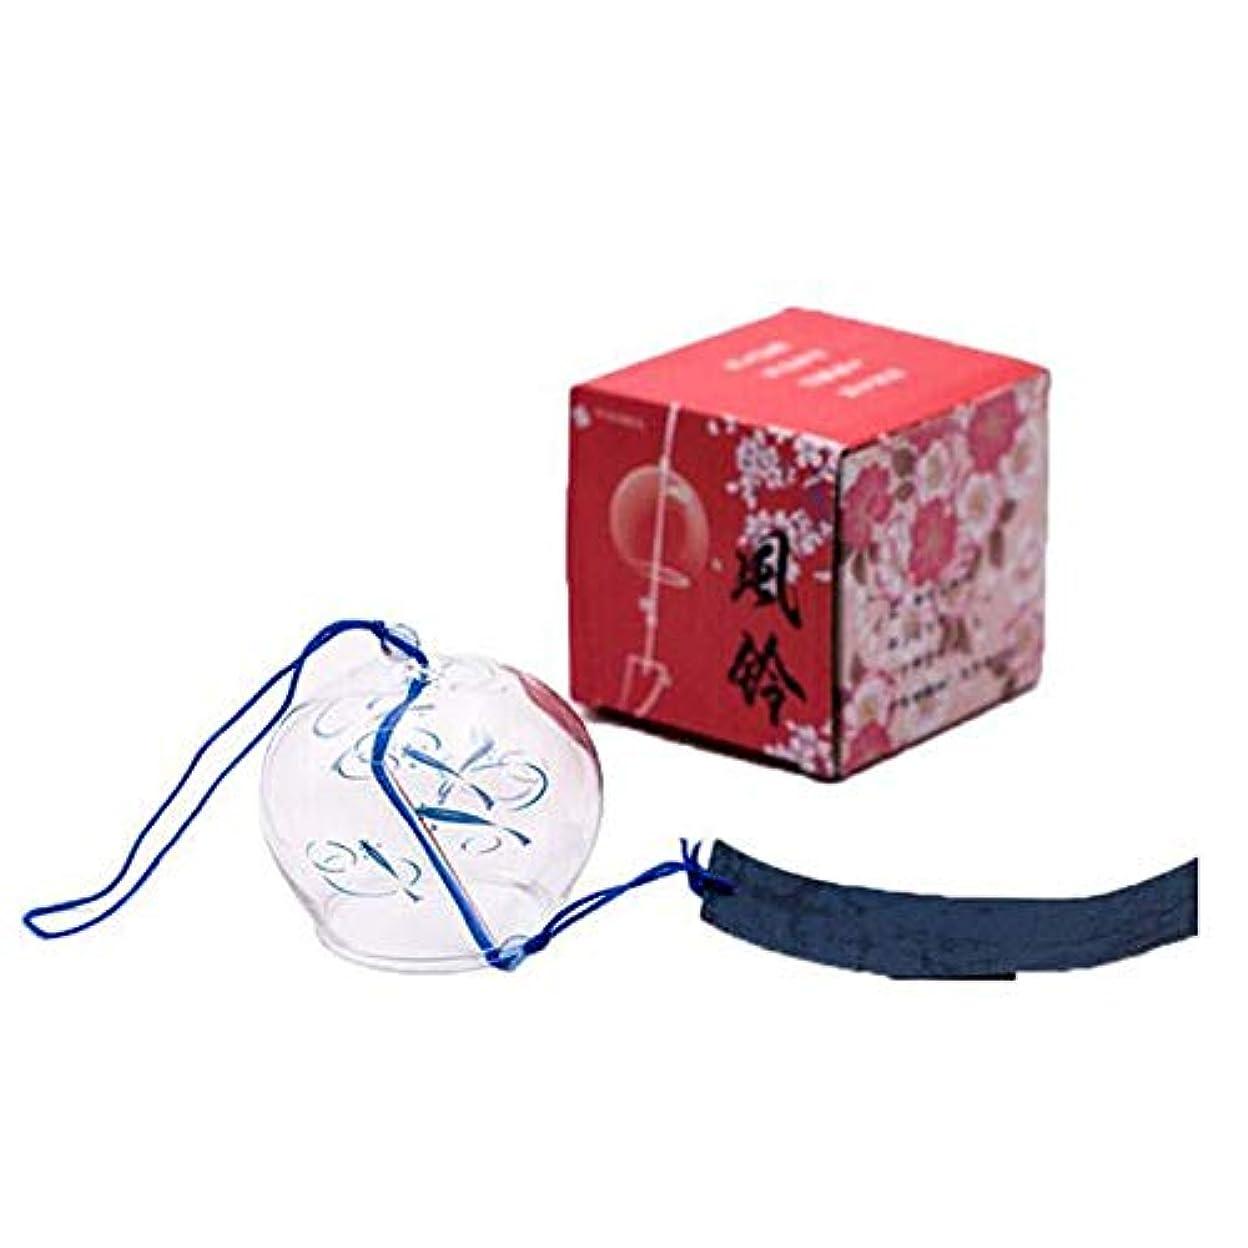 戦闘マイルストーン焦がすChengjinxiang 風チャイム、ガラス素材ホームクリエイティブ風チャイム、パープル、40cm程度の長さの合計,クリエイティブギフト (Color : Blue)